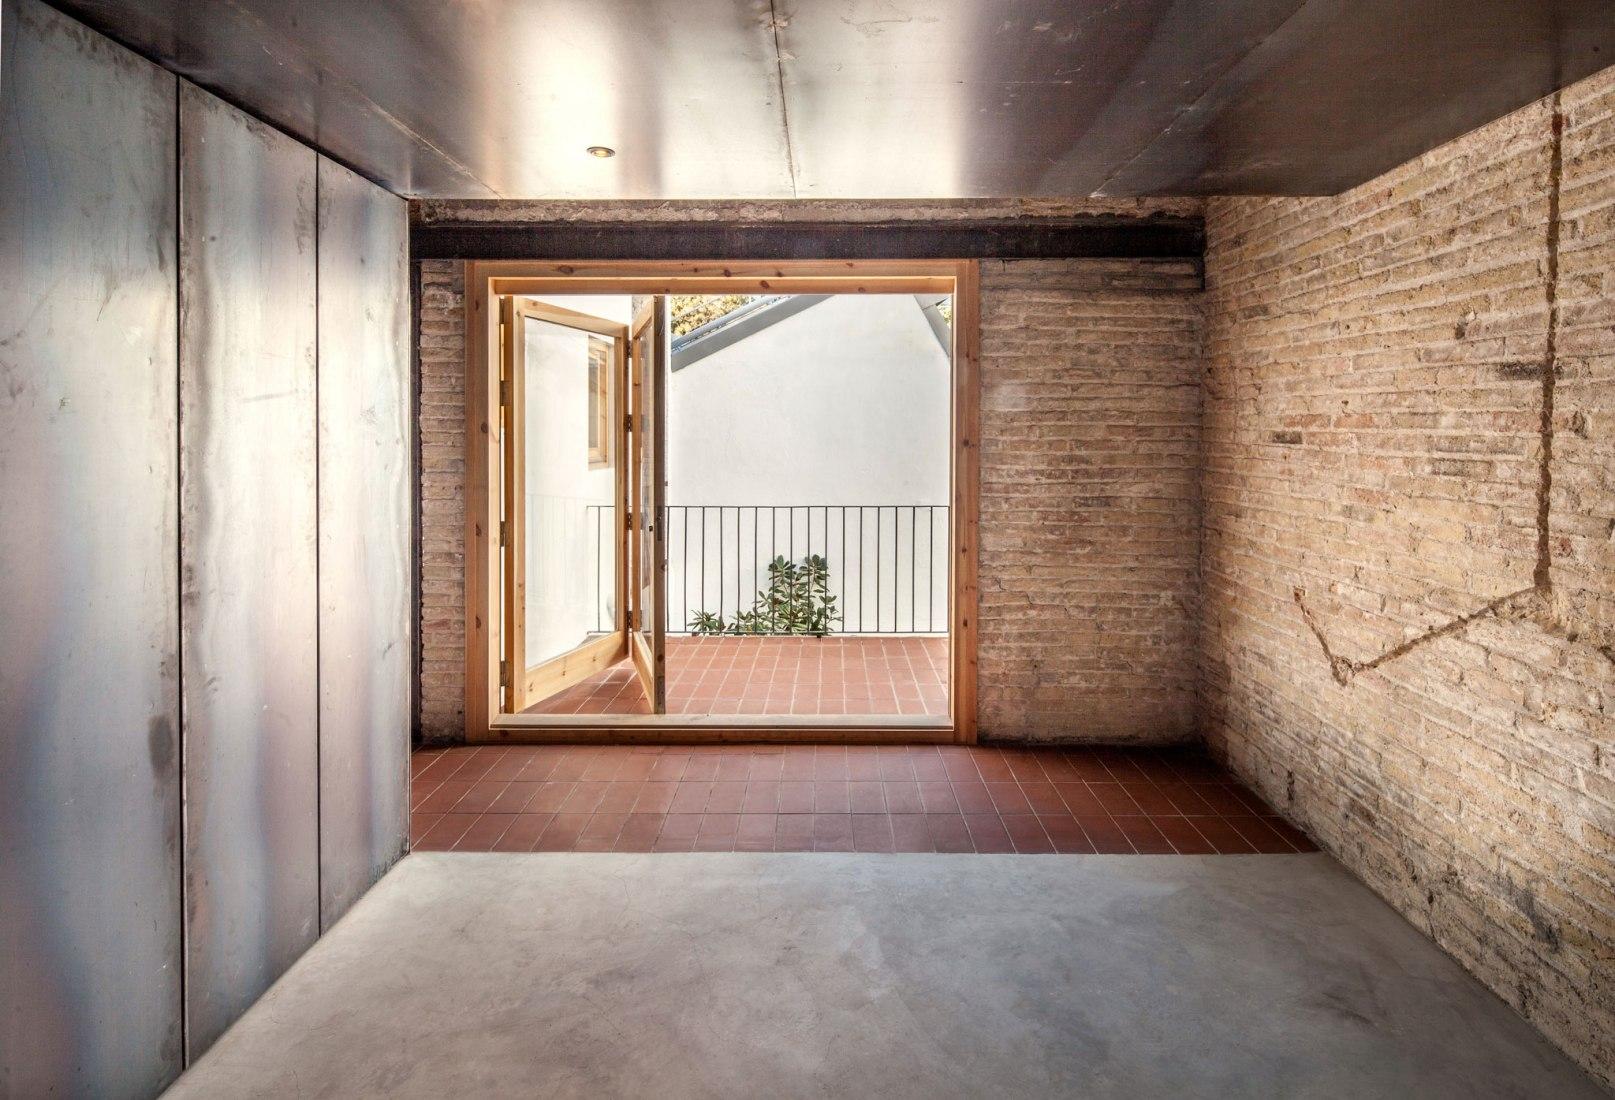 Patio interior. Casa Tubella por ÁGORA Arquitectura. Fotografía por Joan Casalspañella